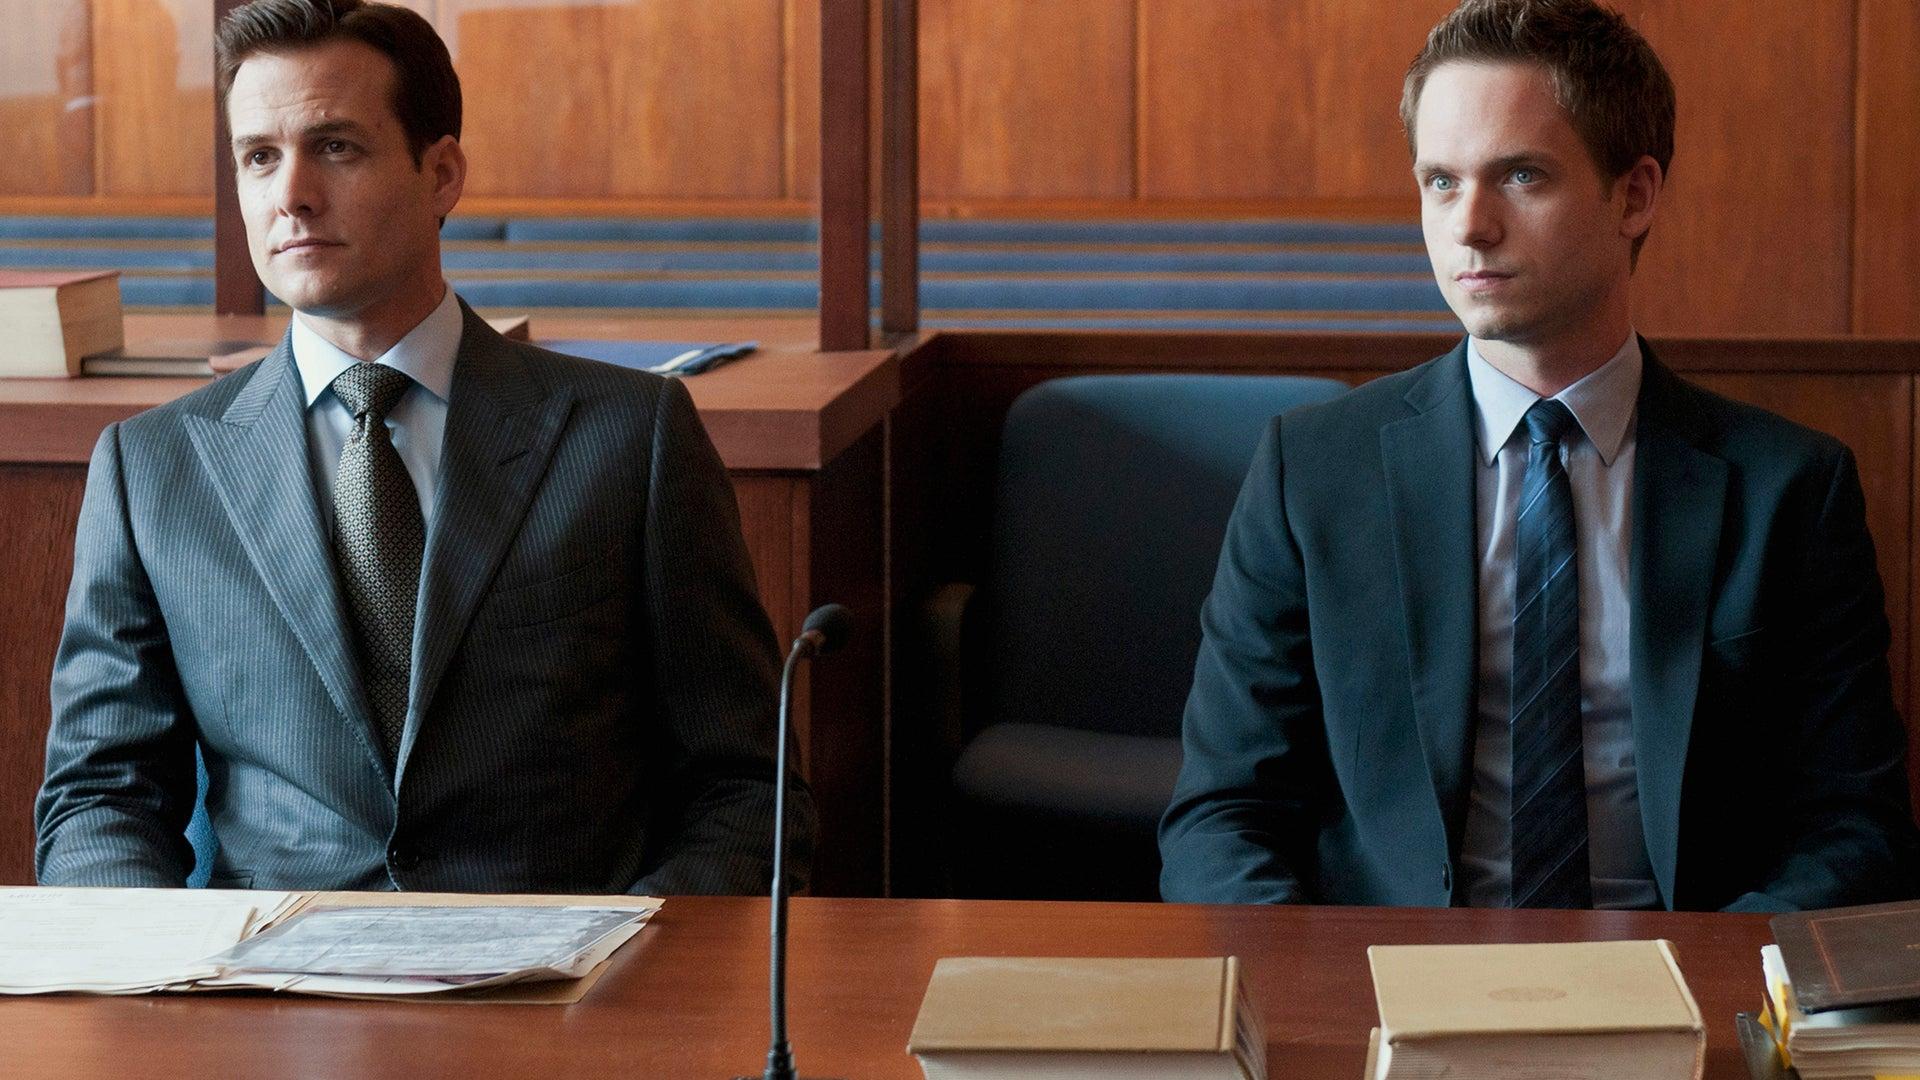 Gabriel Macht and Patrick J. Adams, Suits